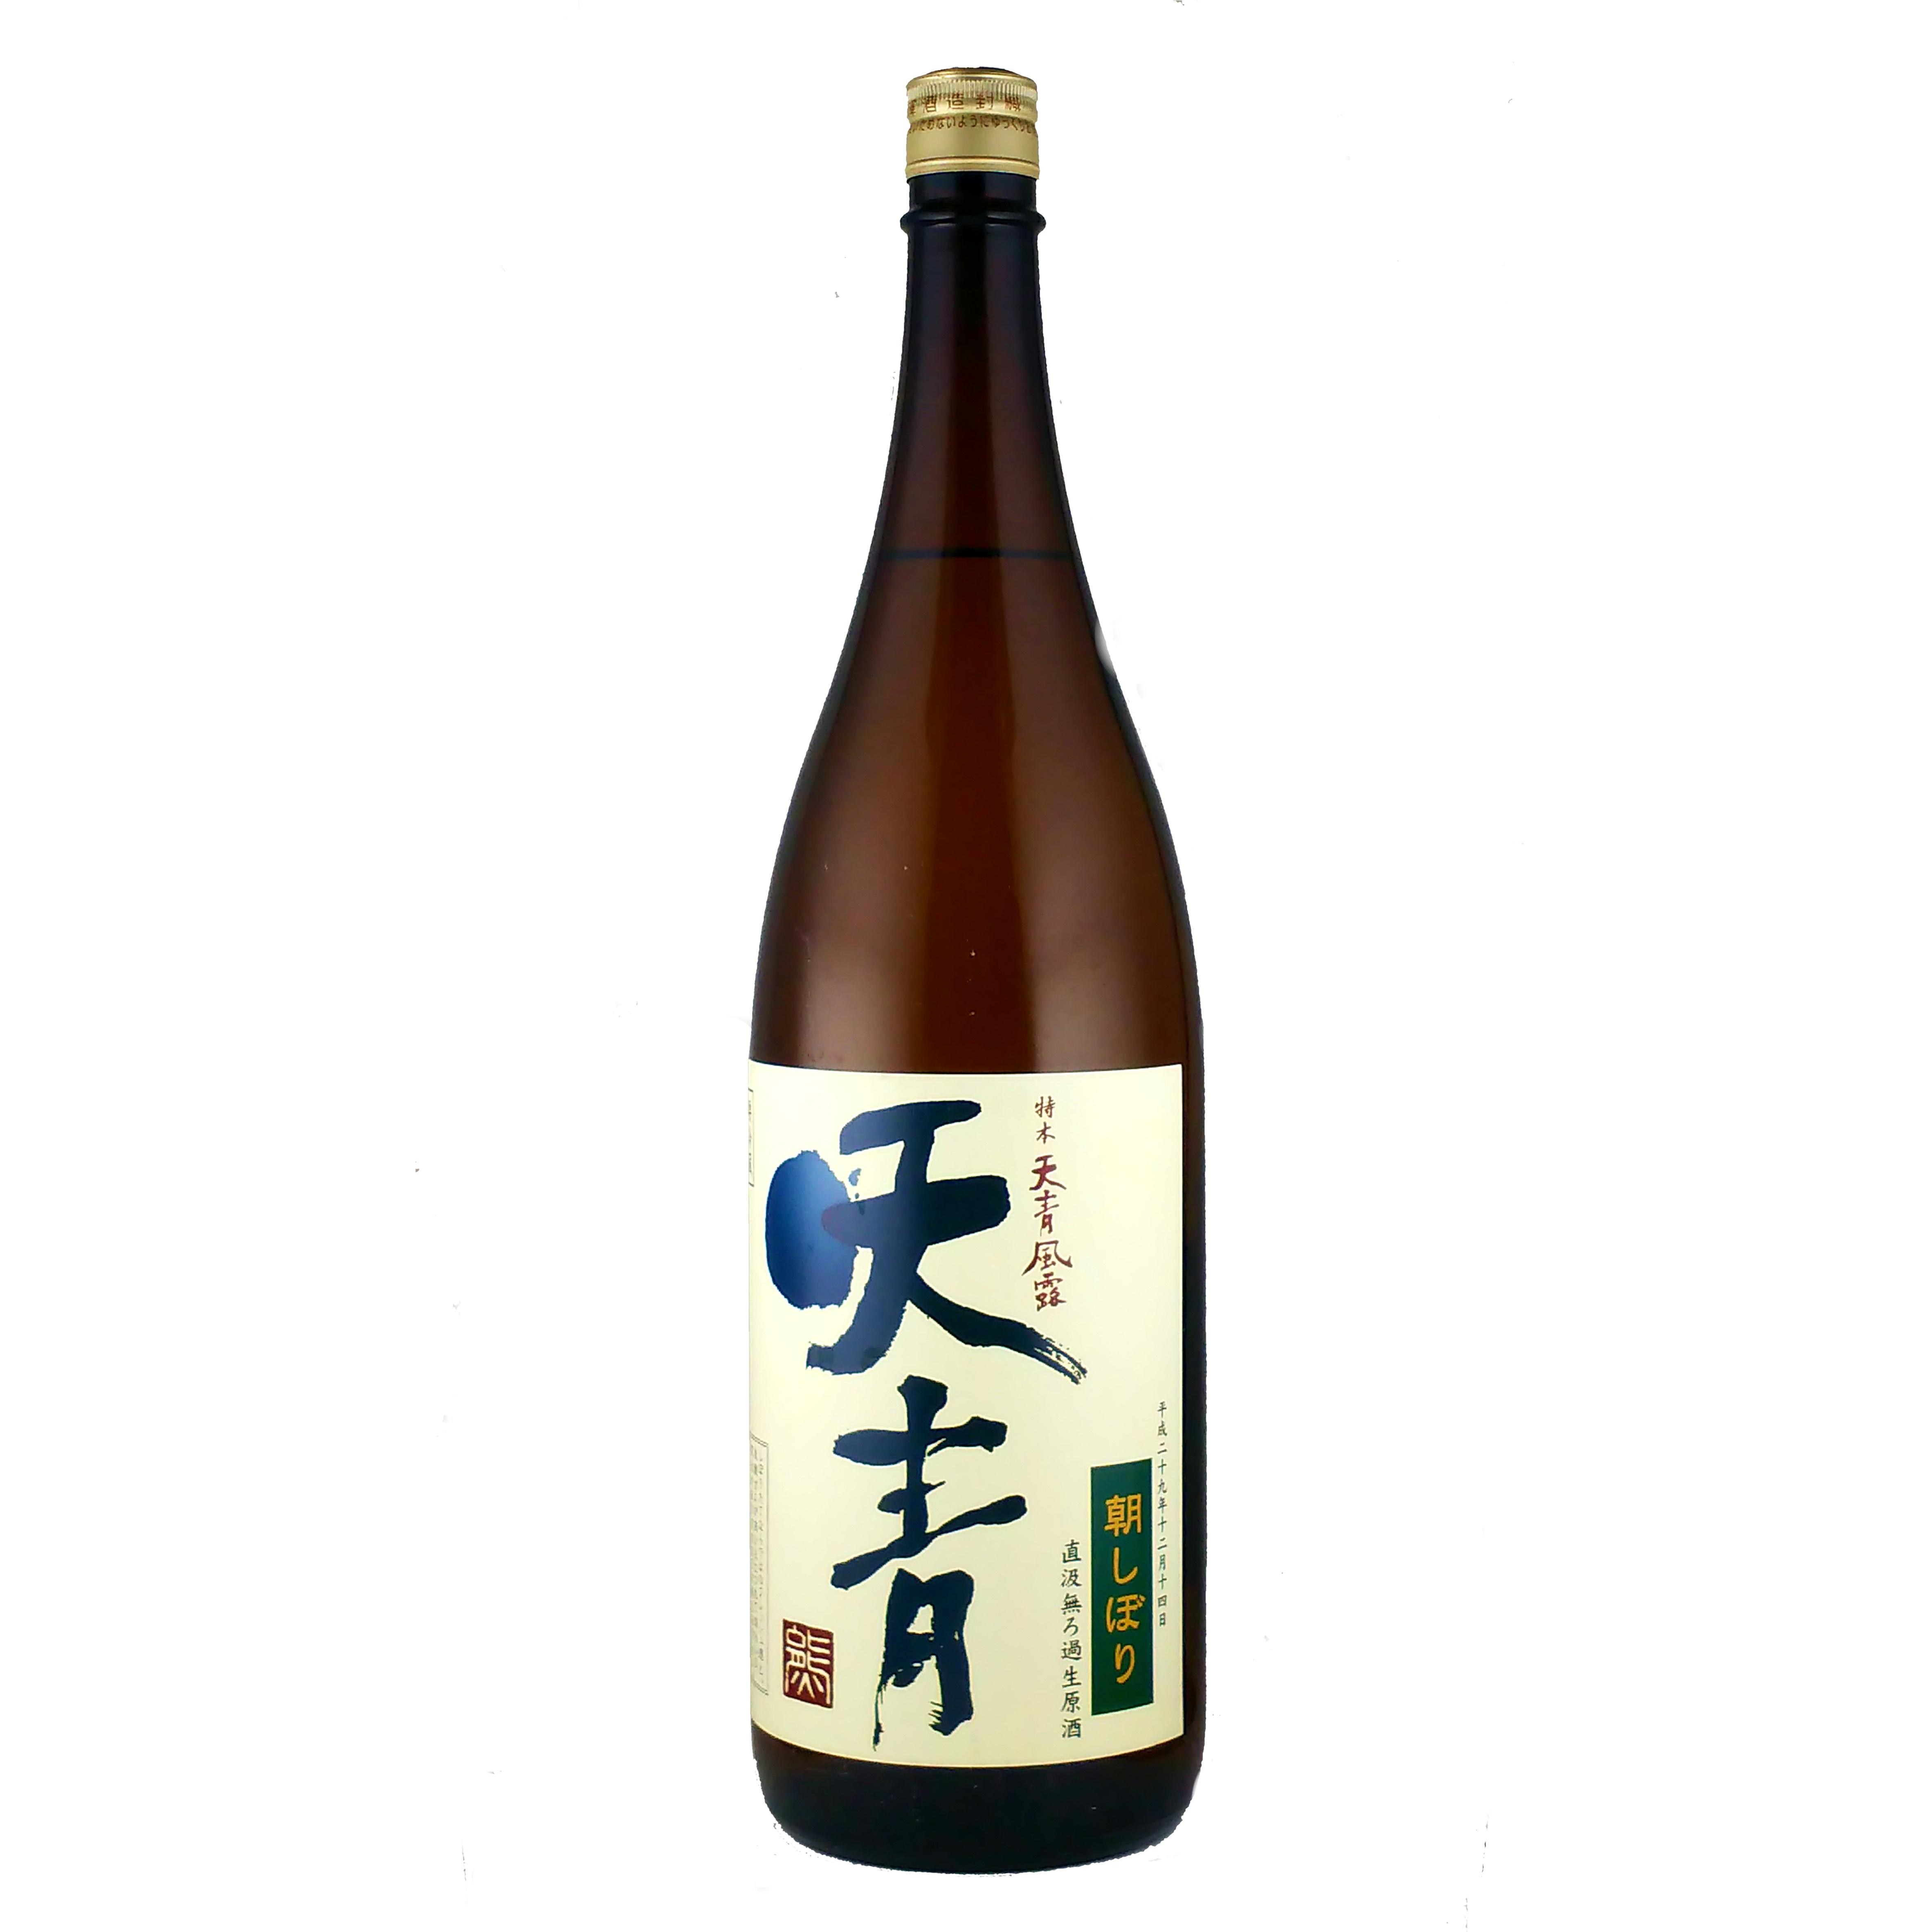 天青 風露 特別本醸造 「朝しぼり」 無濾過生原酒 1800ml